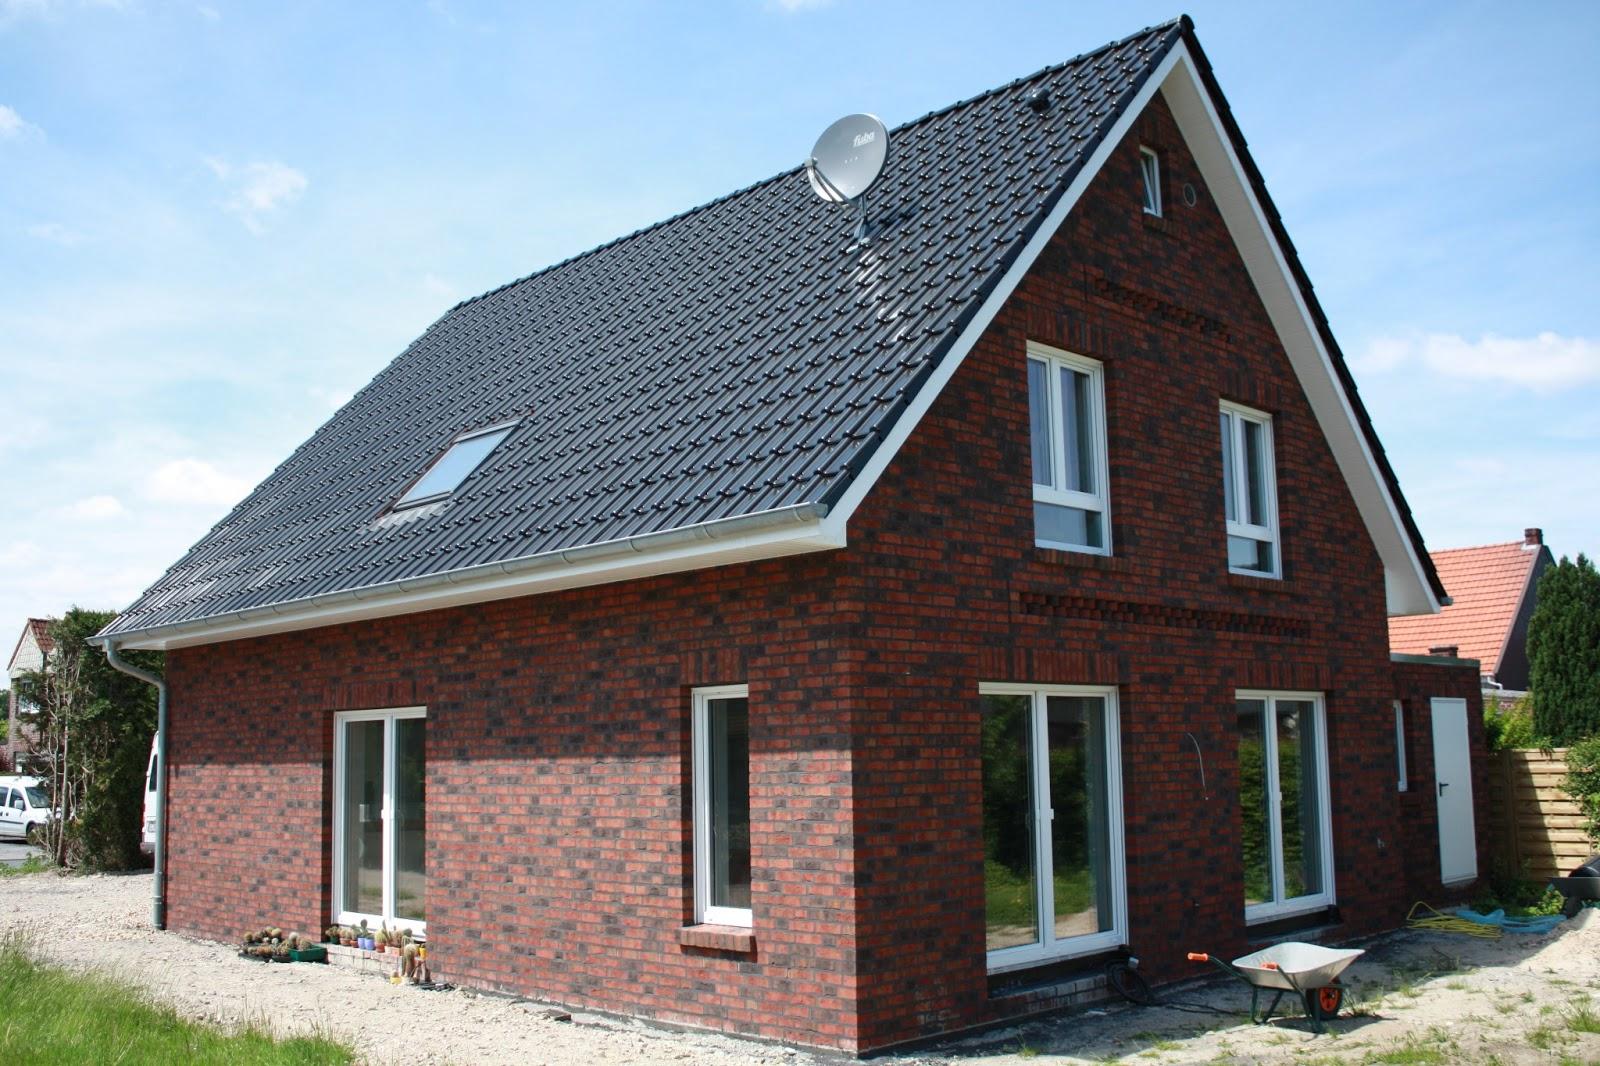 Kfw 55 Haus Ohne Lüftungsanlage referenzen zielsdorf massivhaus